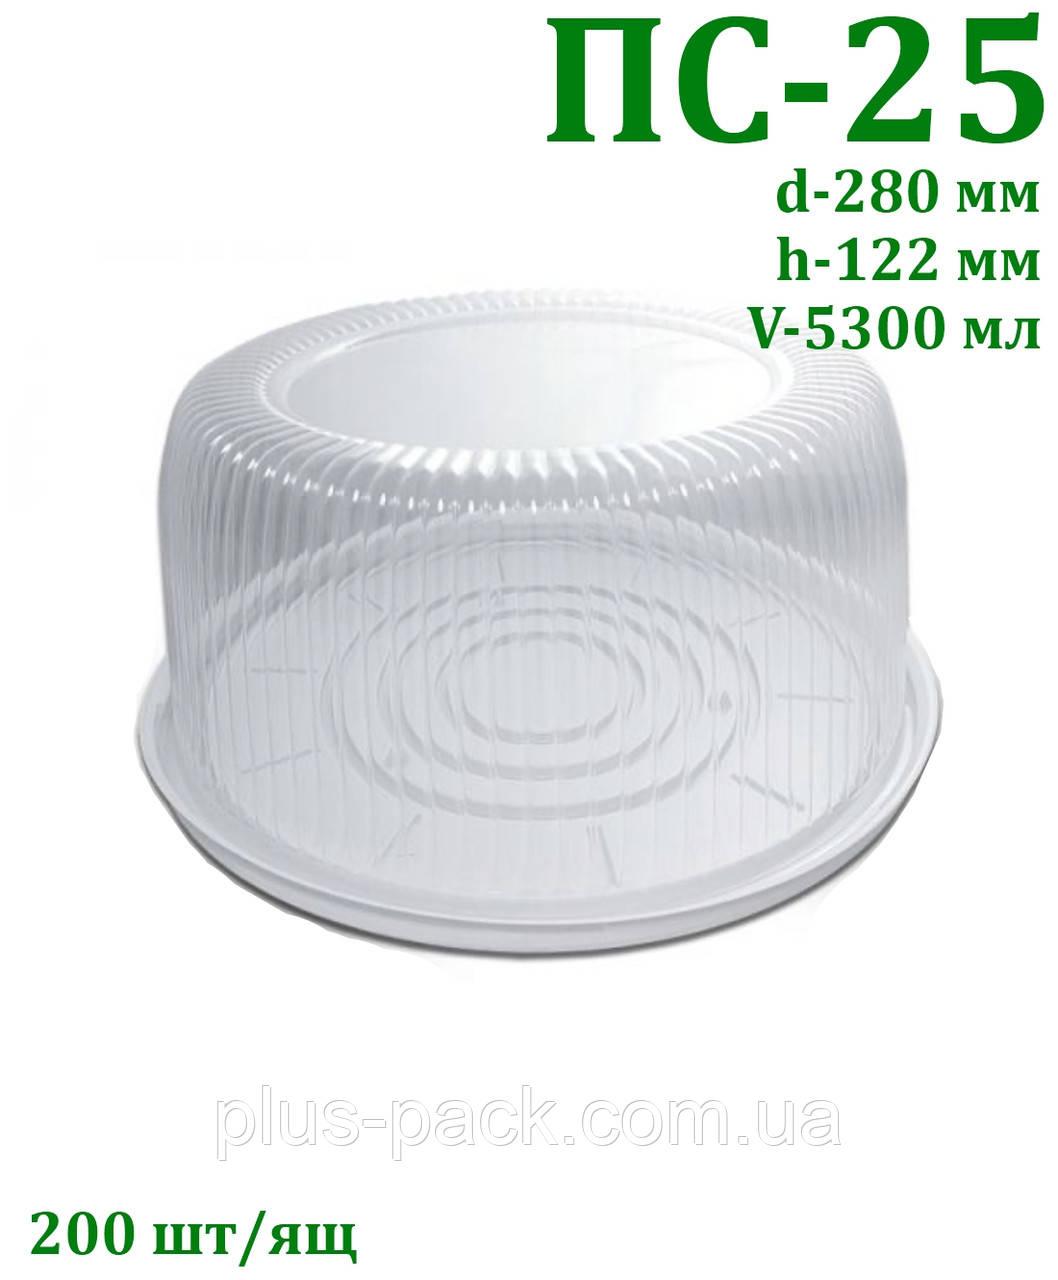 Блістерна одноразова упаковка для торта ЗНИЖКА при купівлі ящика!